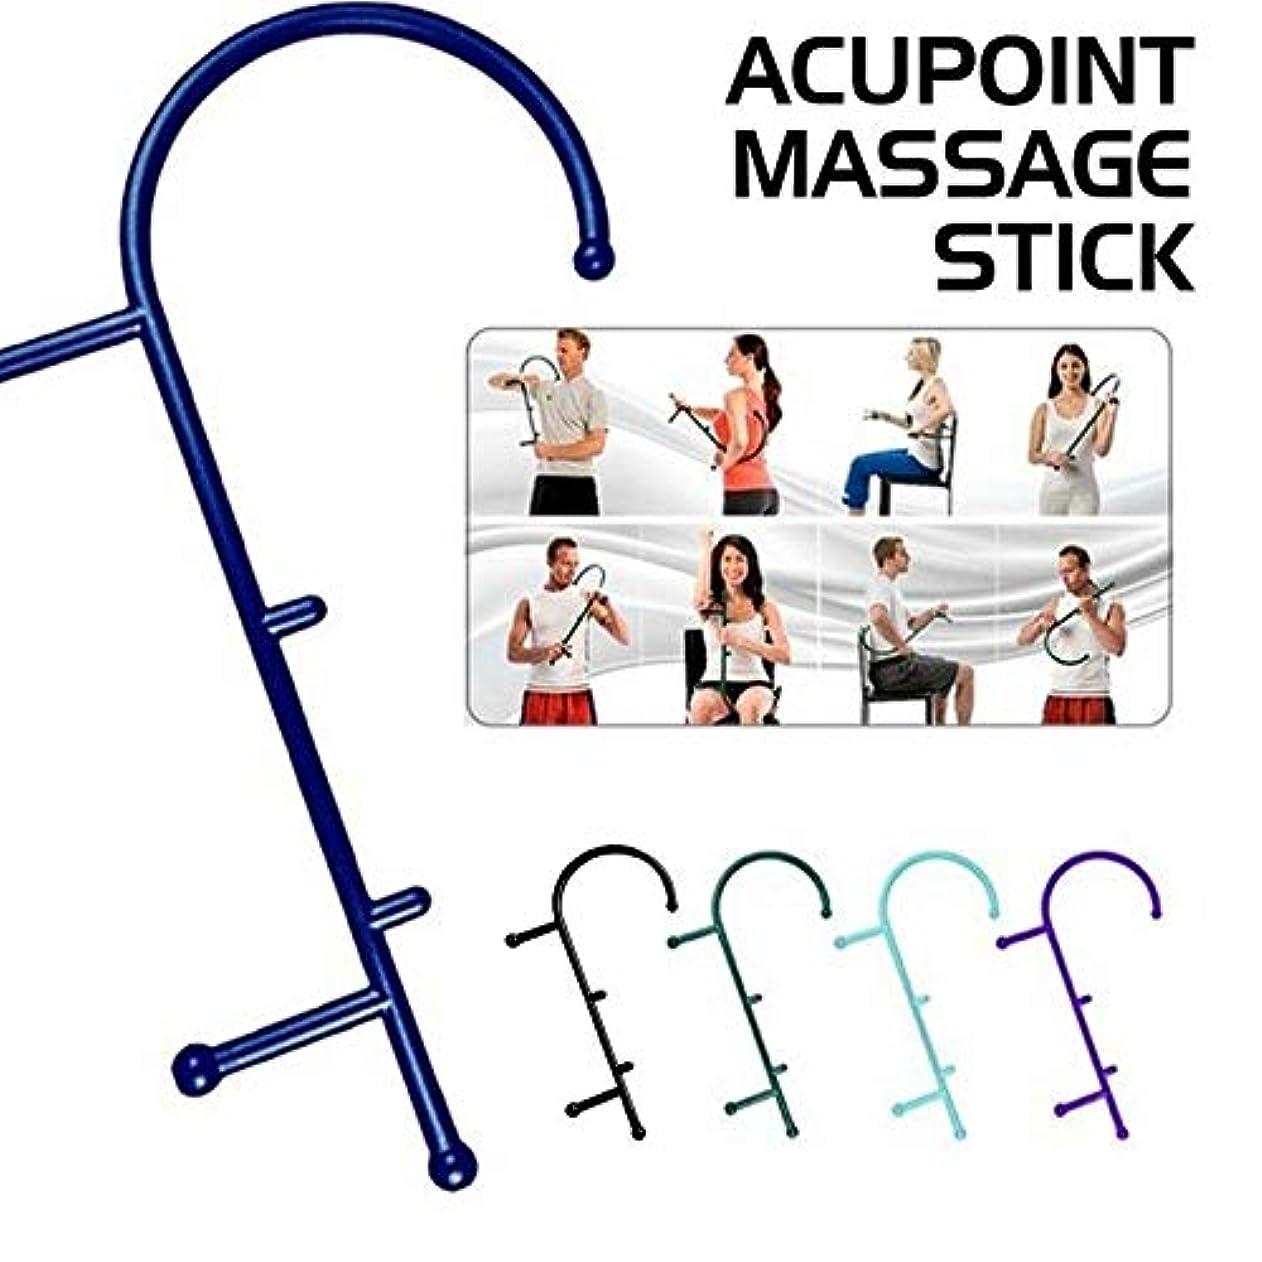 バンガロー揺れるコードFull Body Cane Back Hook Massager Neck Self Muscle Pressure Stick Tool Acupoint Massage St